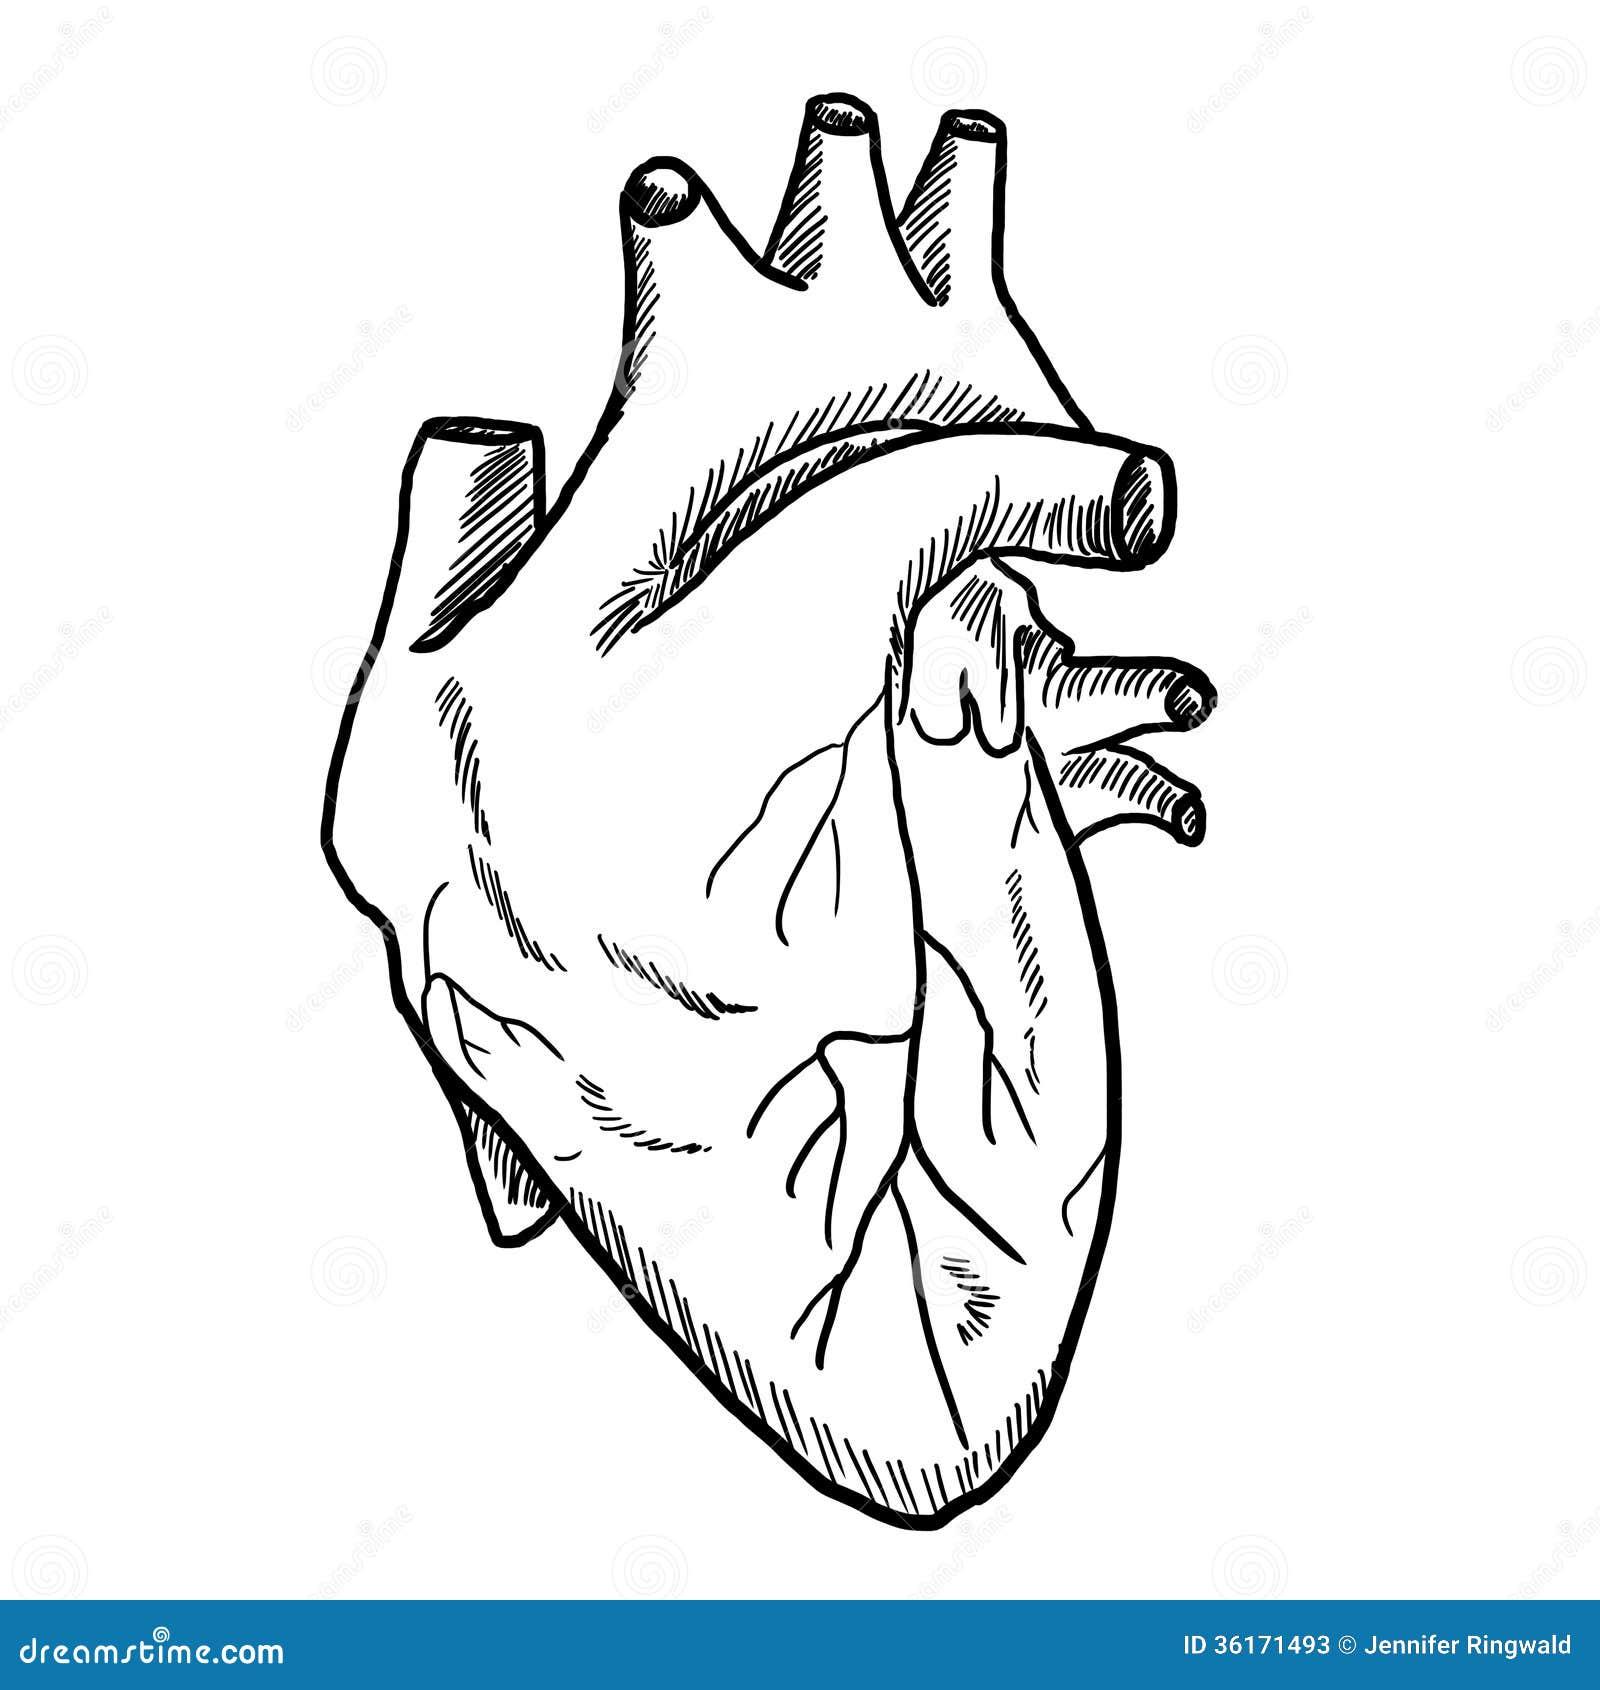 Dibujo del coraz n humano fotos de archivo imagen 36171493 for Fotos del corazon